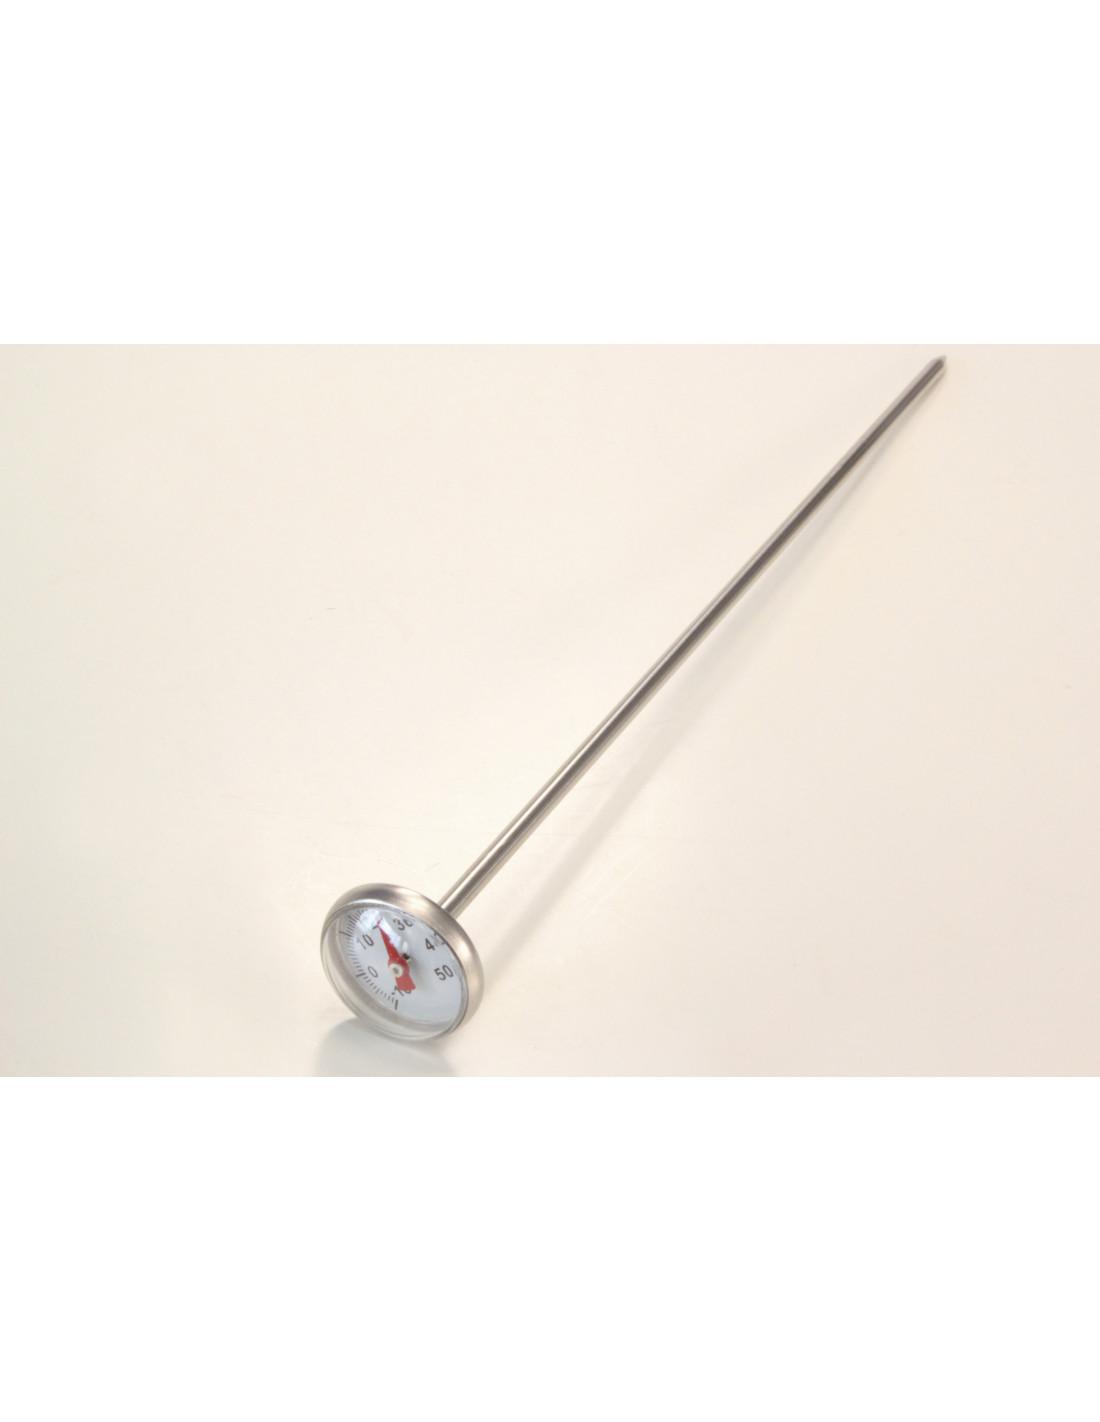 3 - Thermomètre pour filtre gravitaire Oase